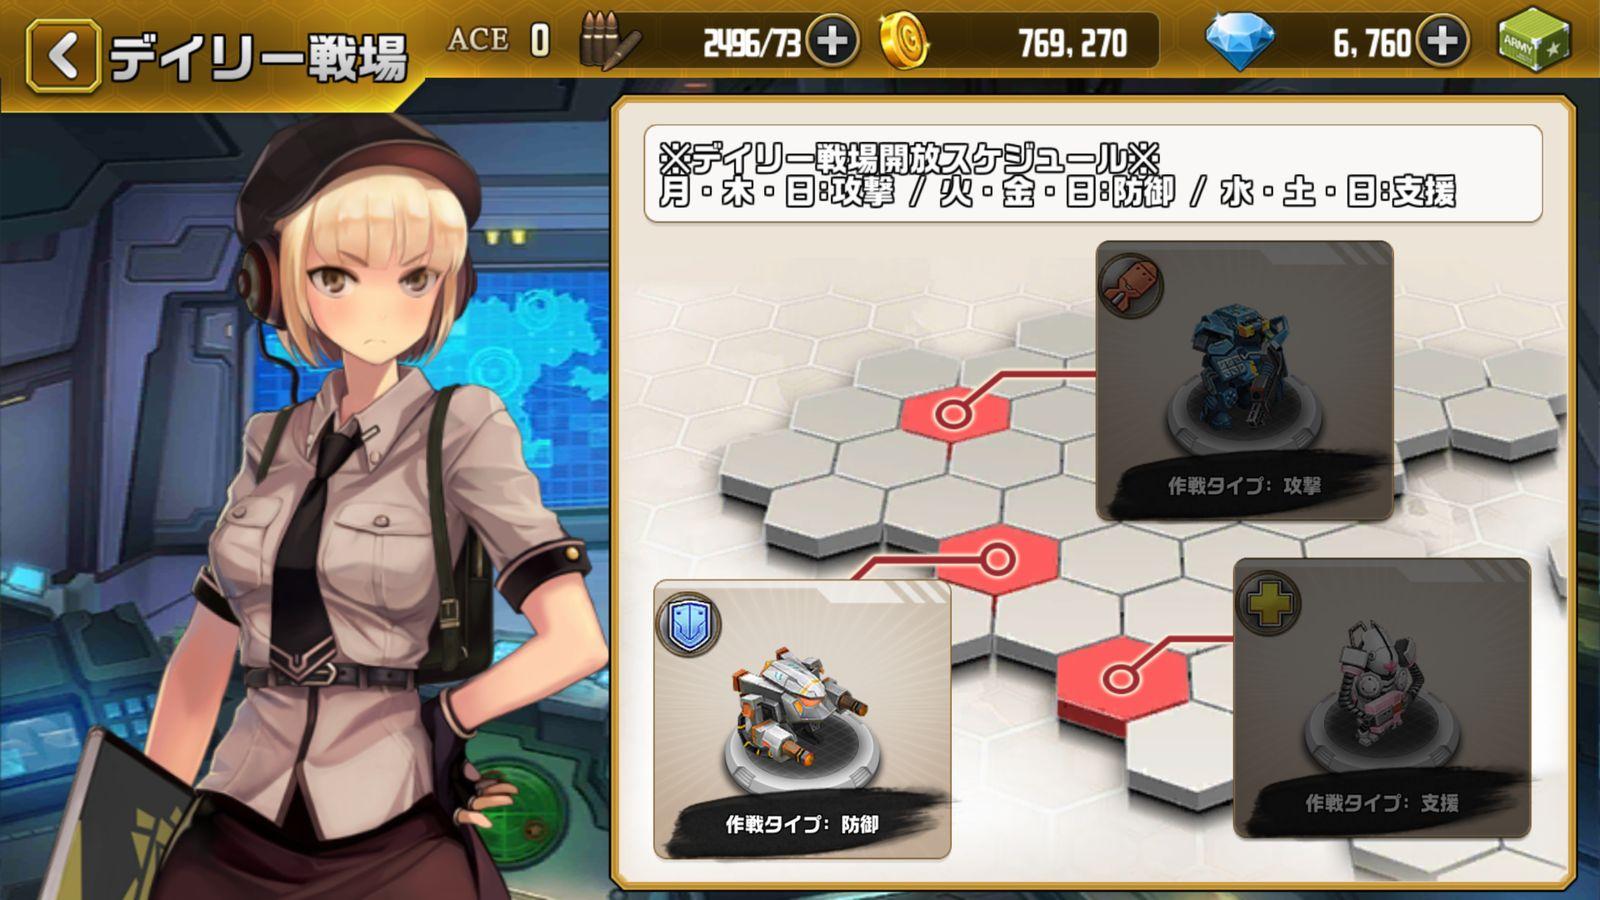 メガキス【攻略】上級司令官へのステップ3:パイロットの育成法